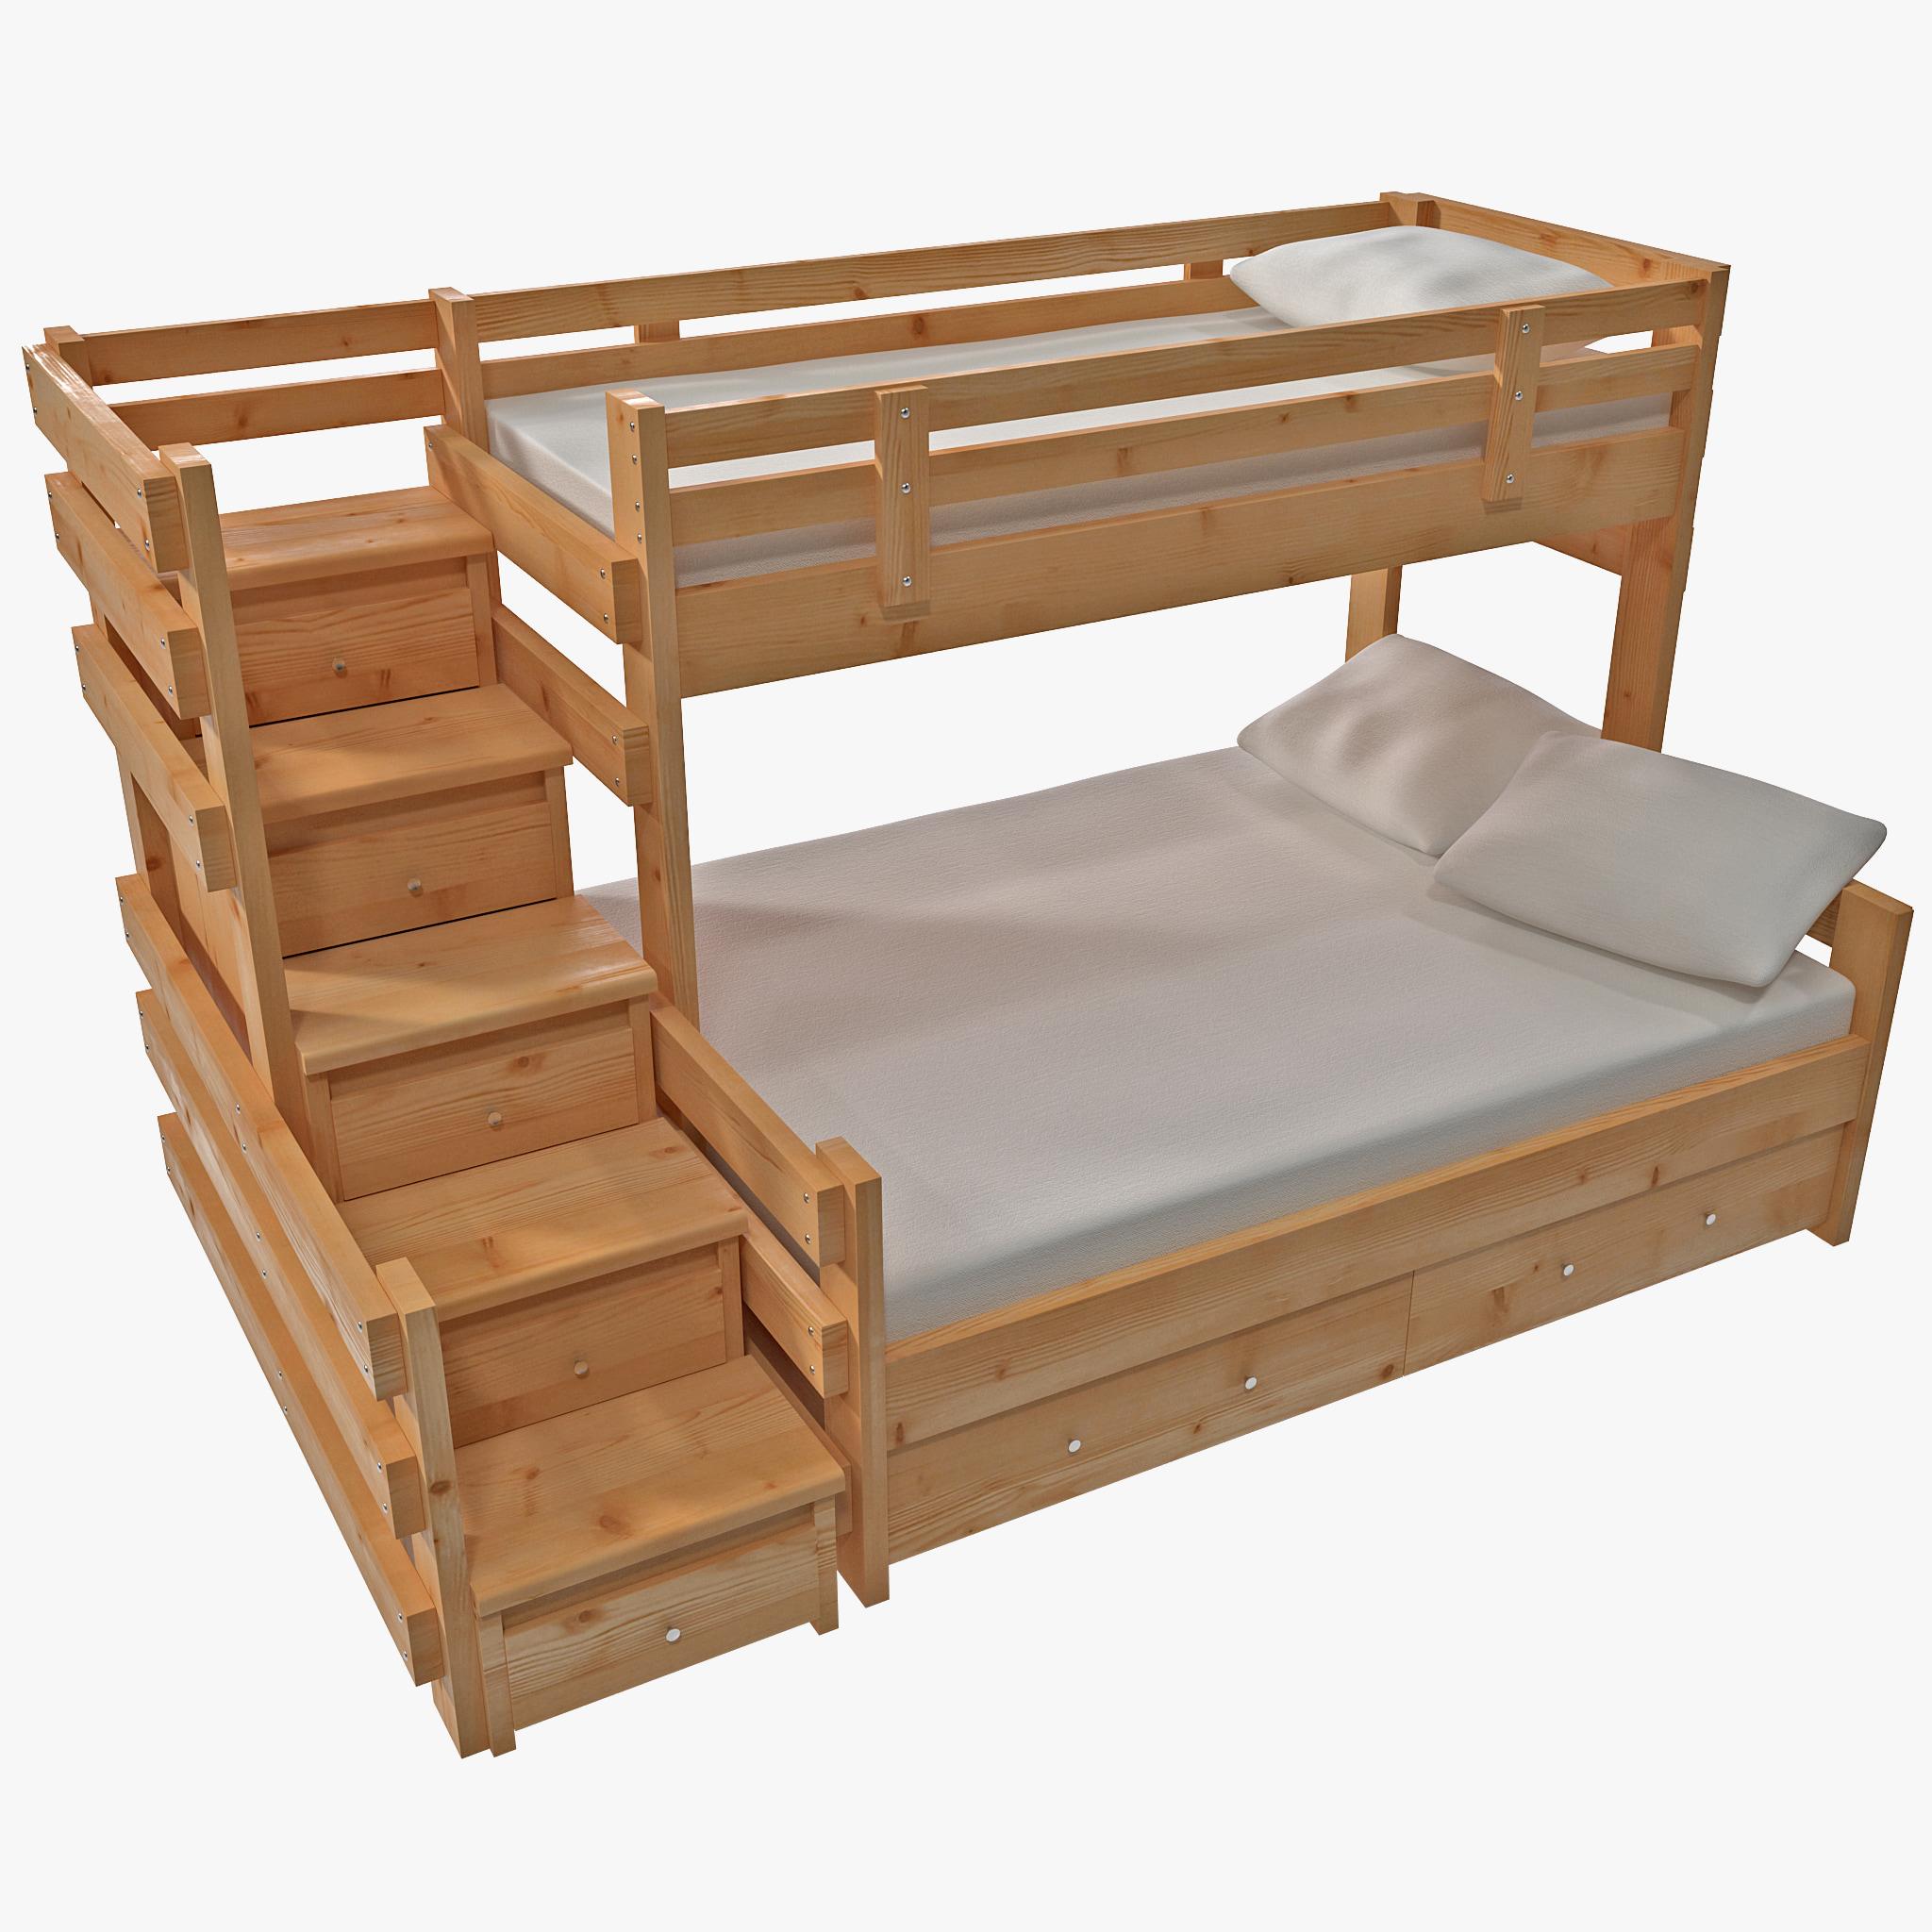 3d bunk bed model for Bed models images